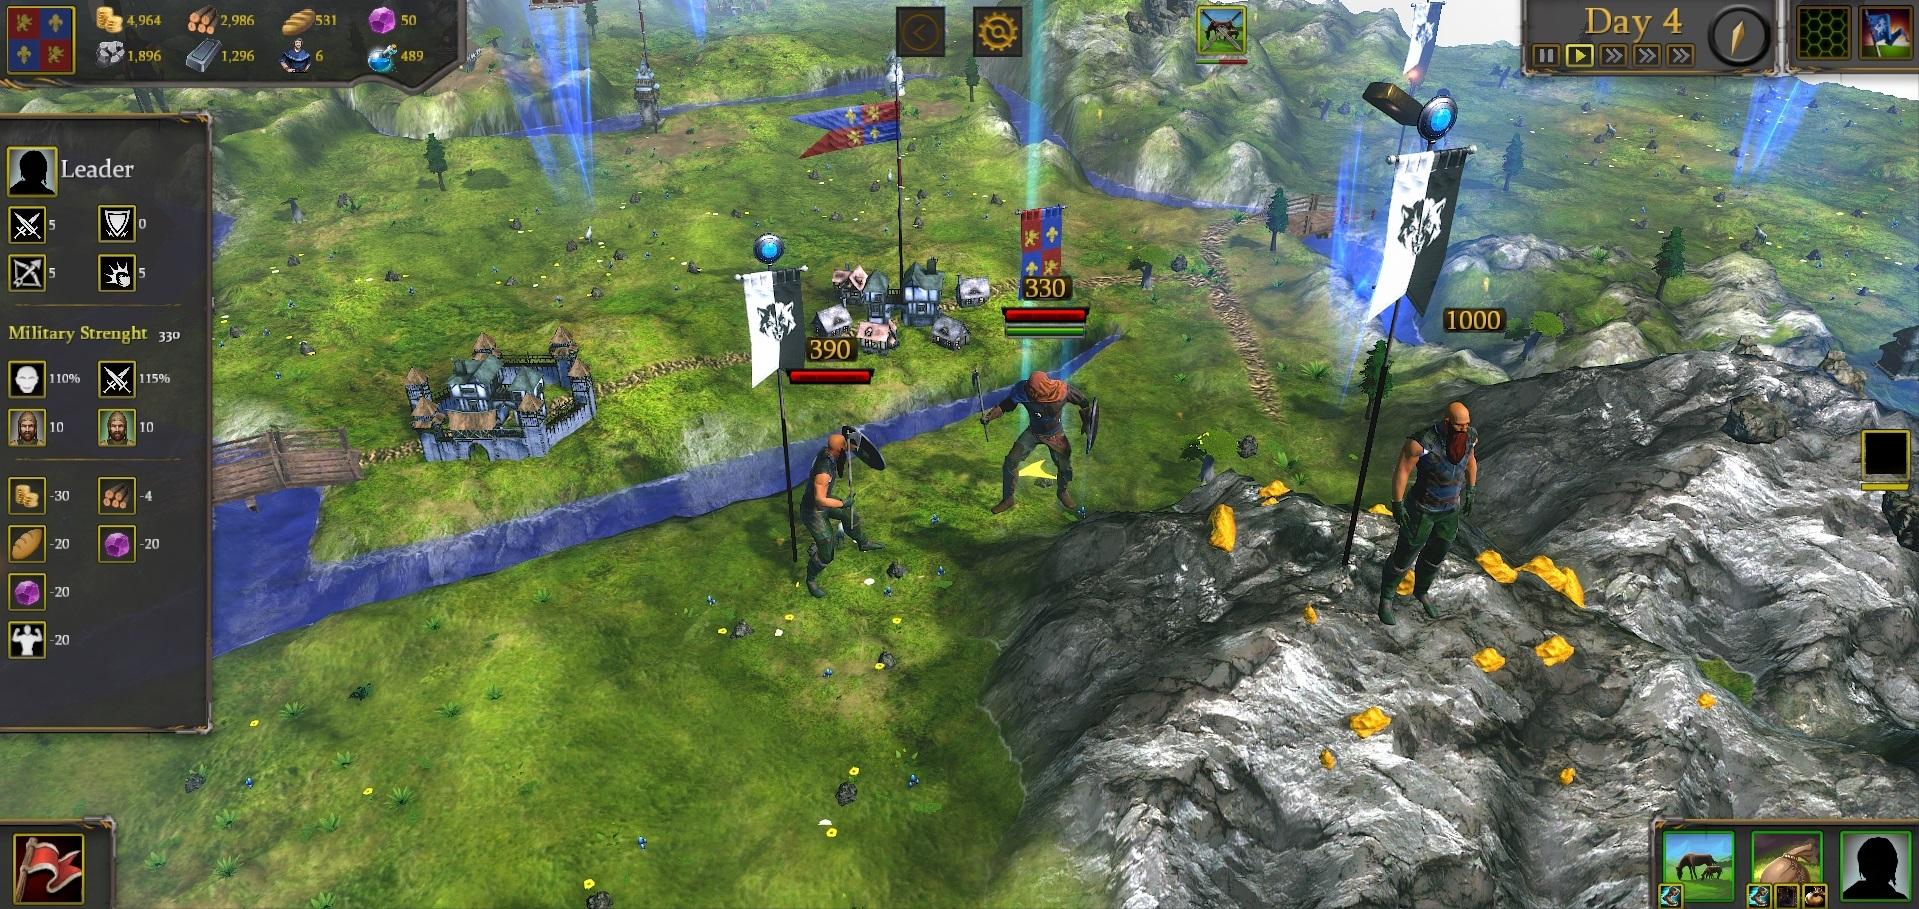 60b70607ba3e58cddc9ff4881baeb059aabf4dc3 | RPG Jeuxvidéo